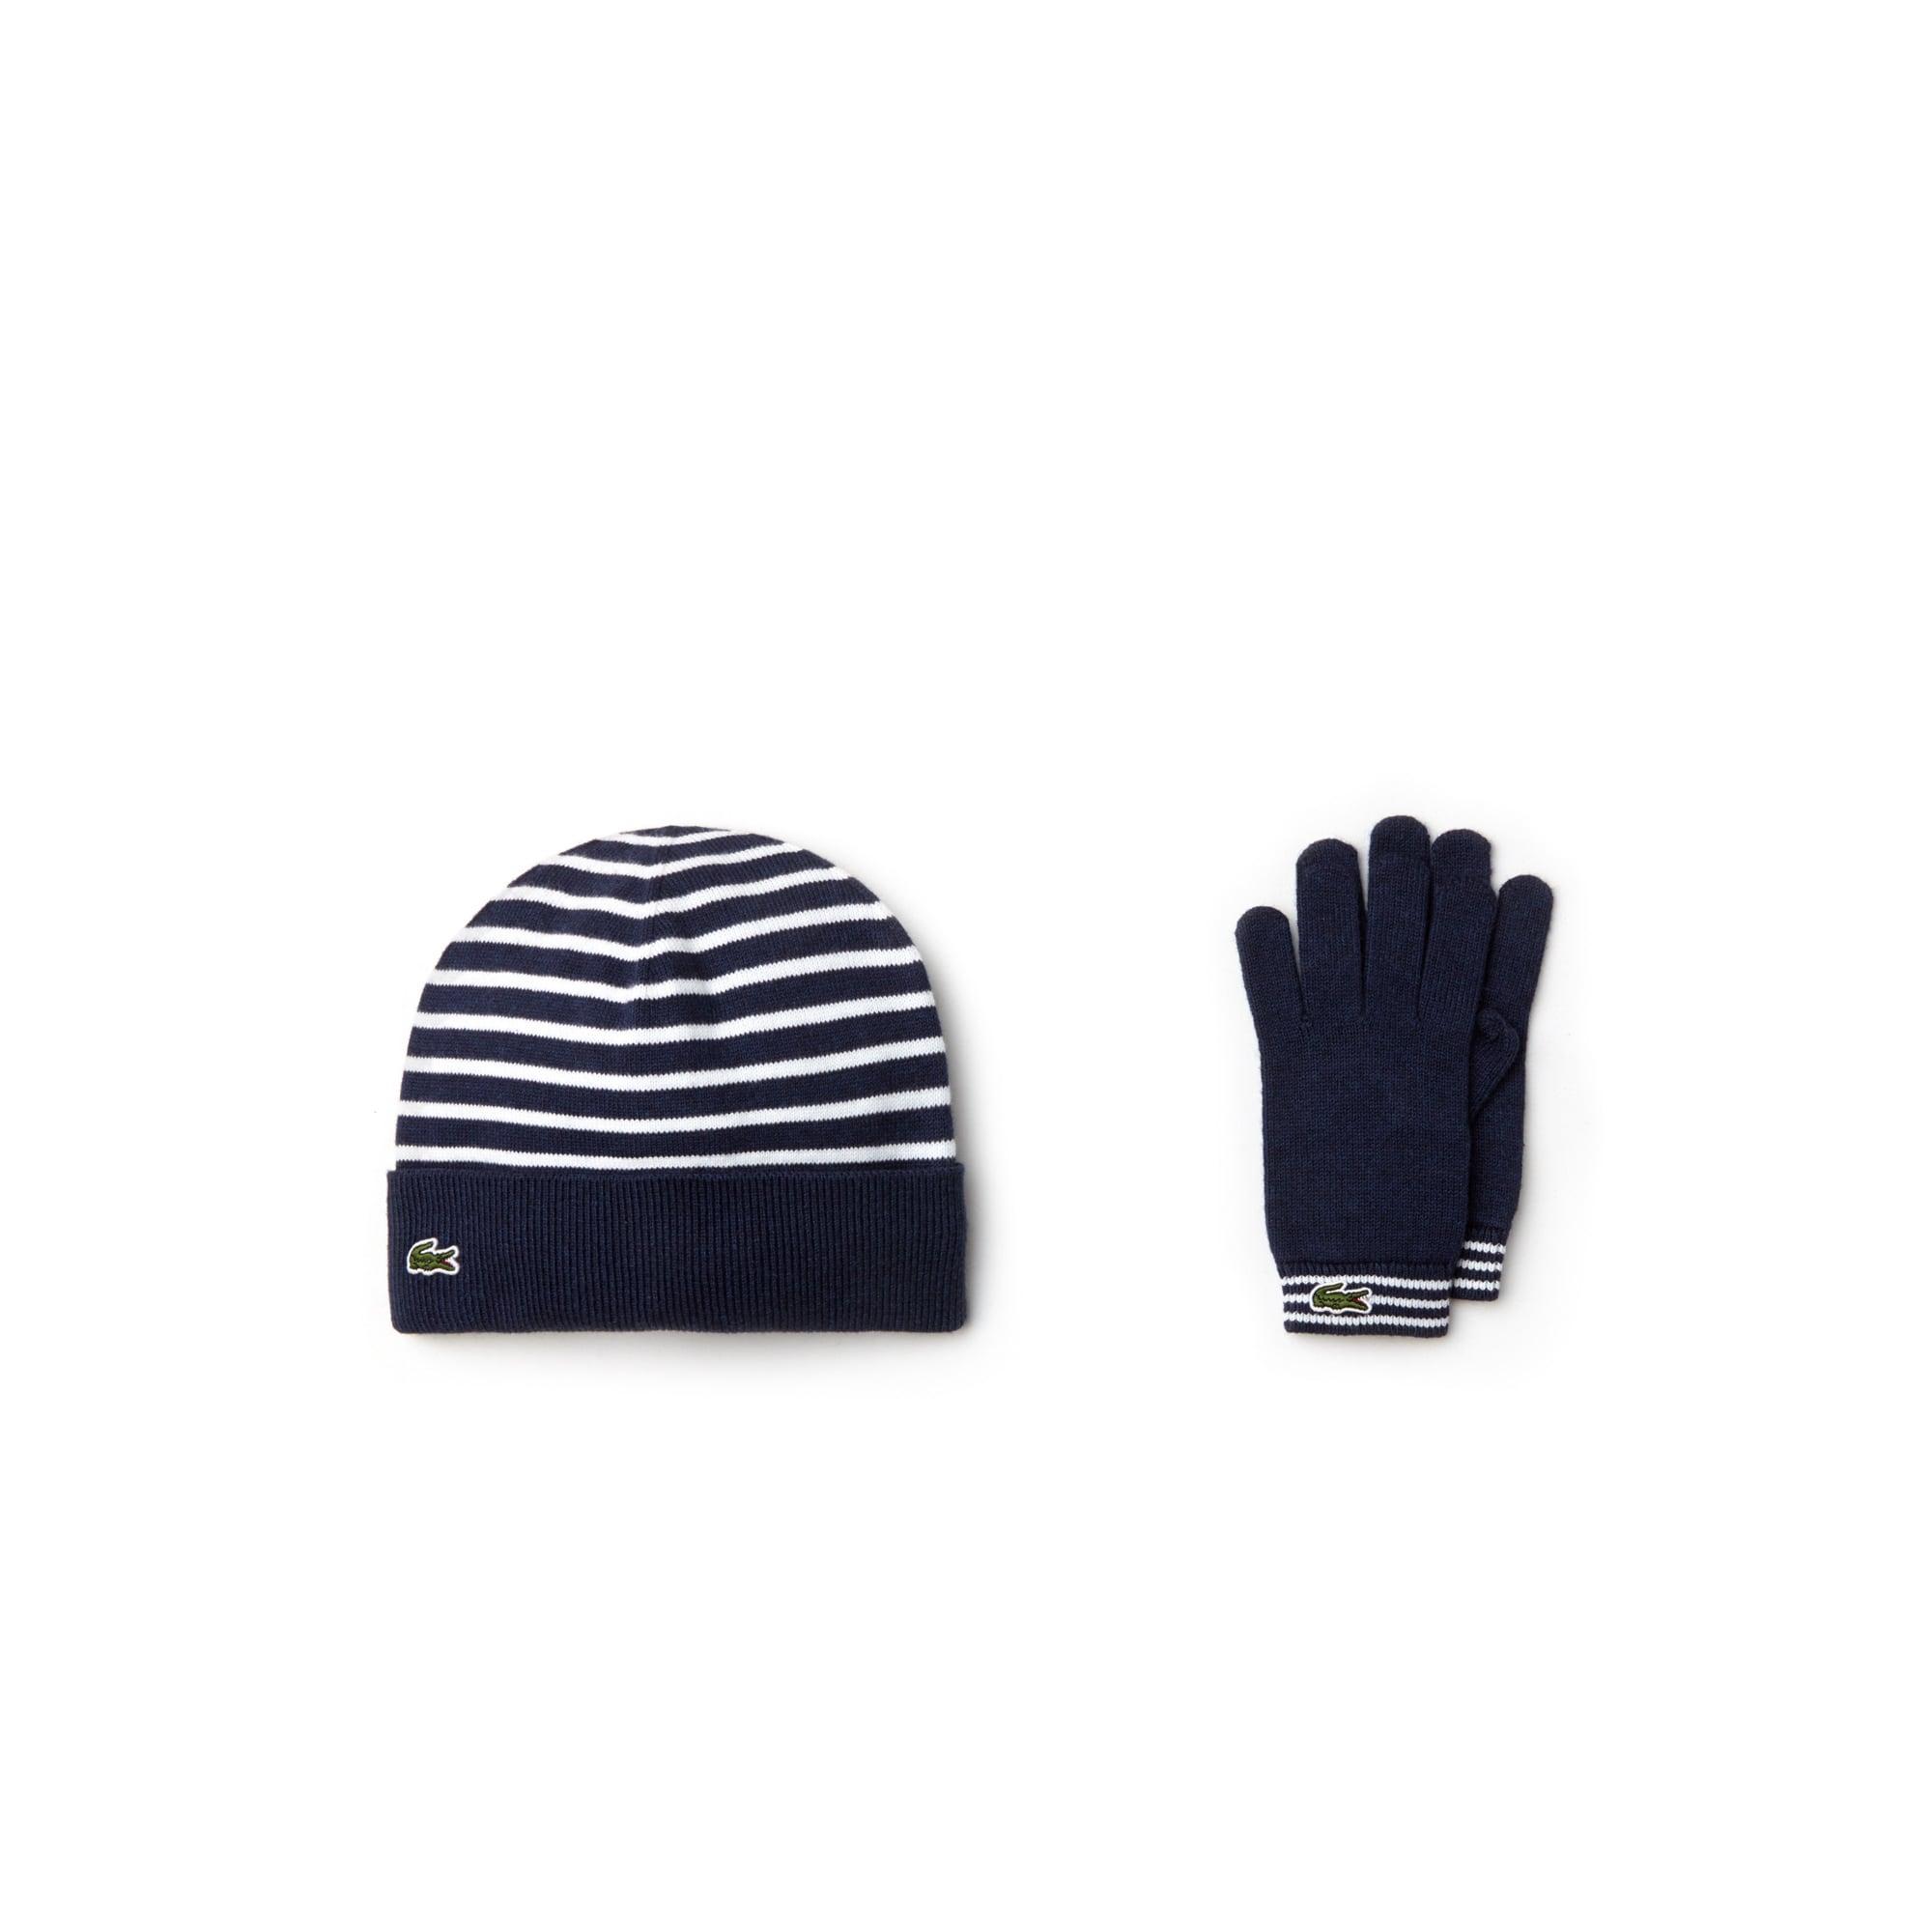 Jungen-Handschuhe und Mütze aus Kaschmir-Baumwolljersey